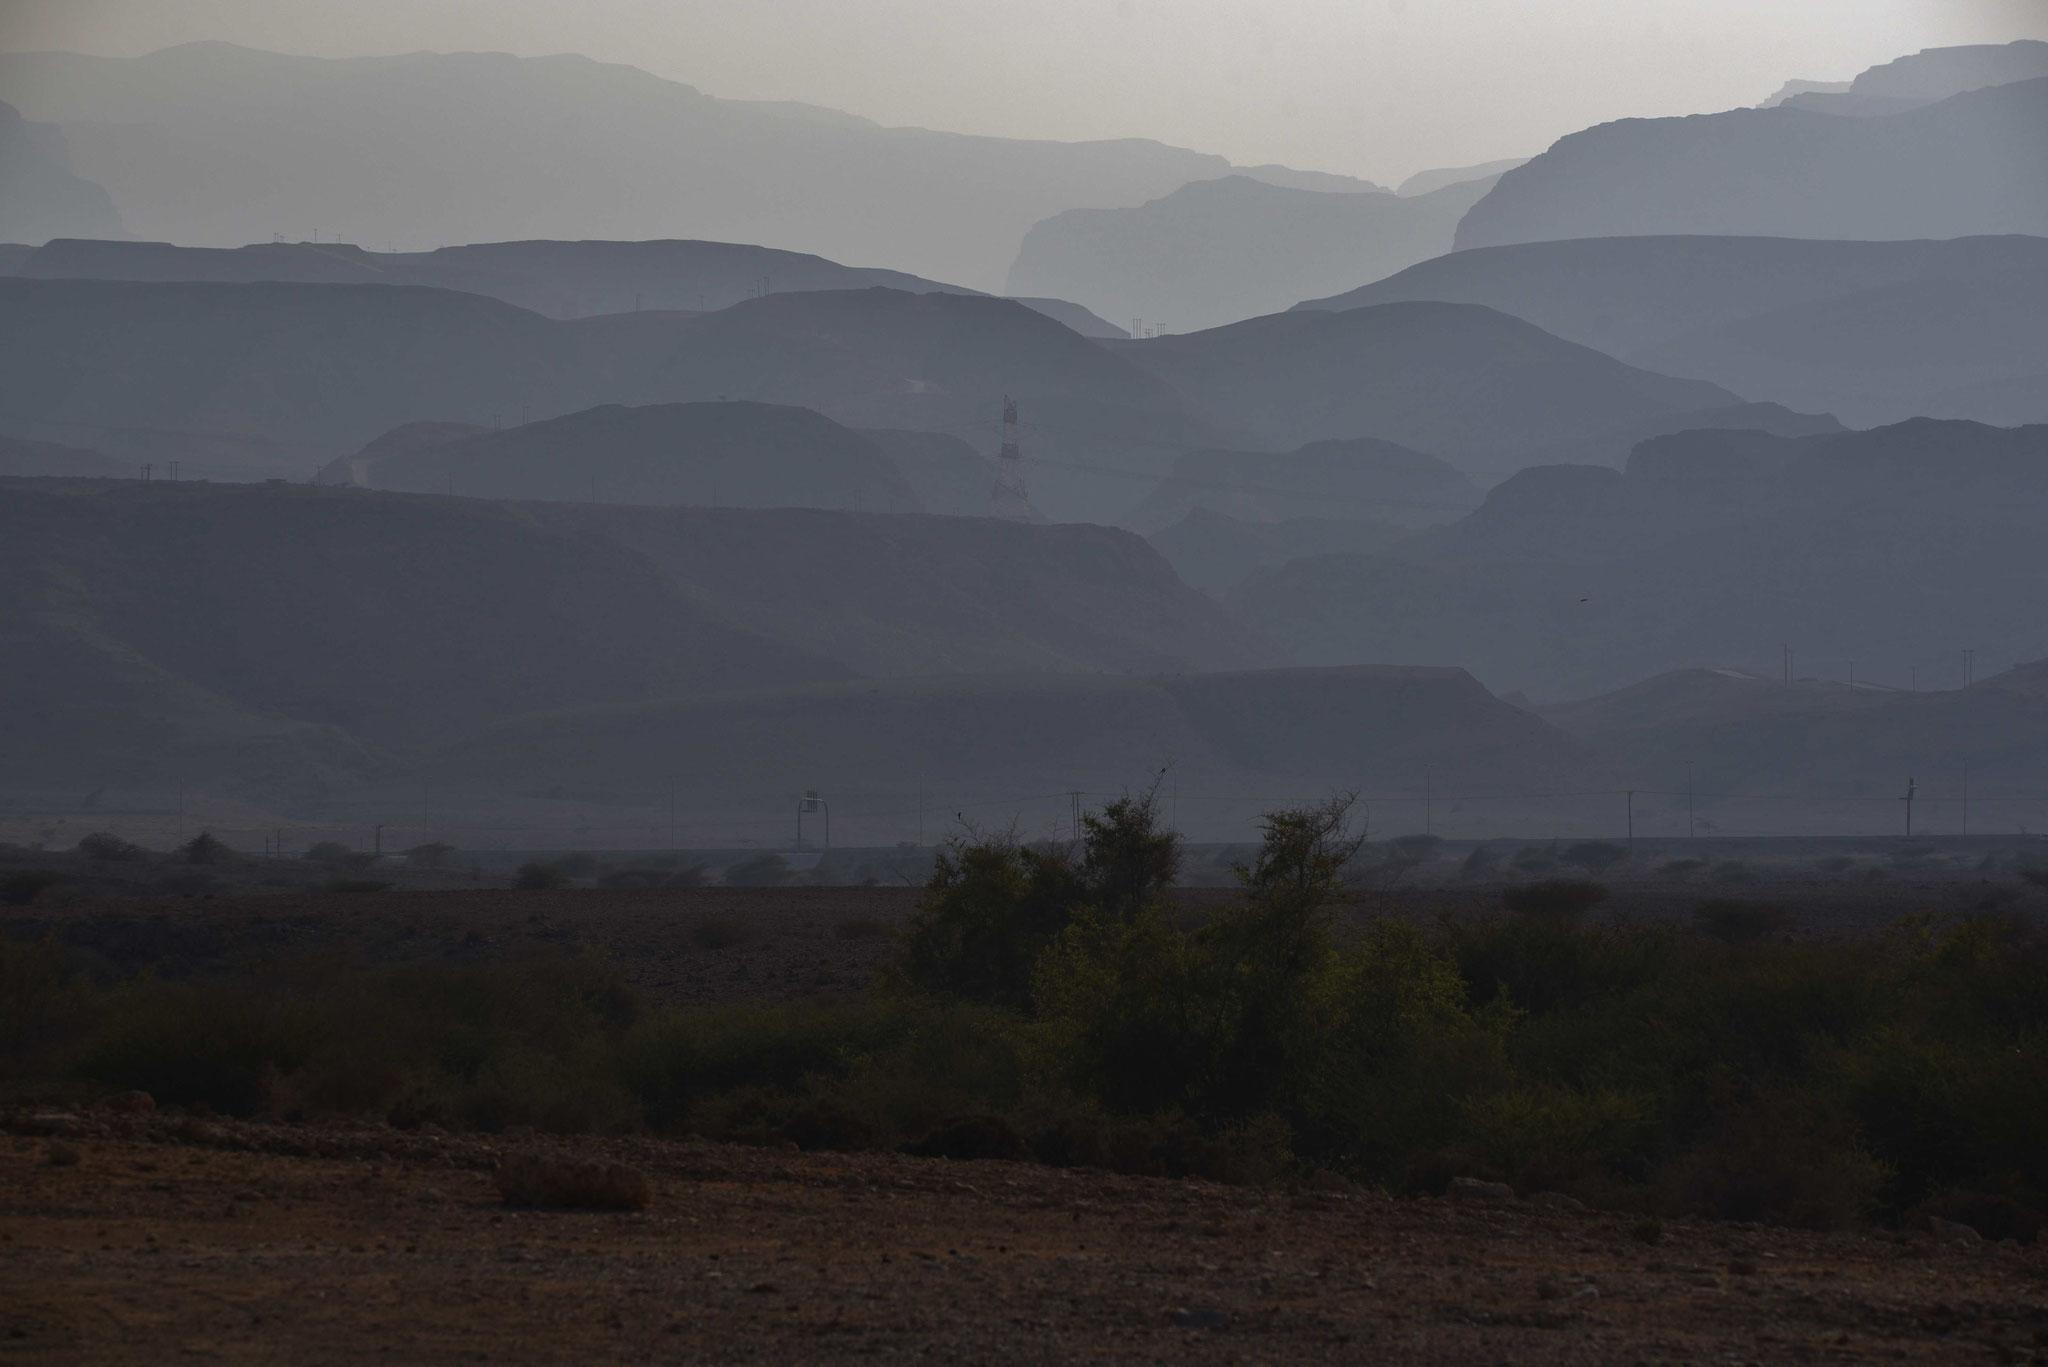 Schöner Blick auf das Hajar-Gebirge von der Küste aus